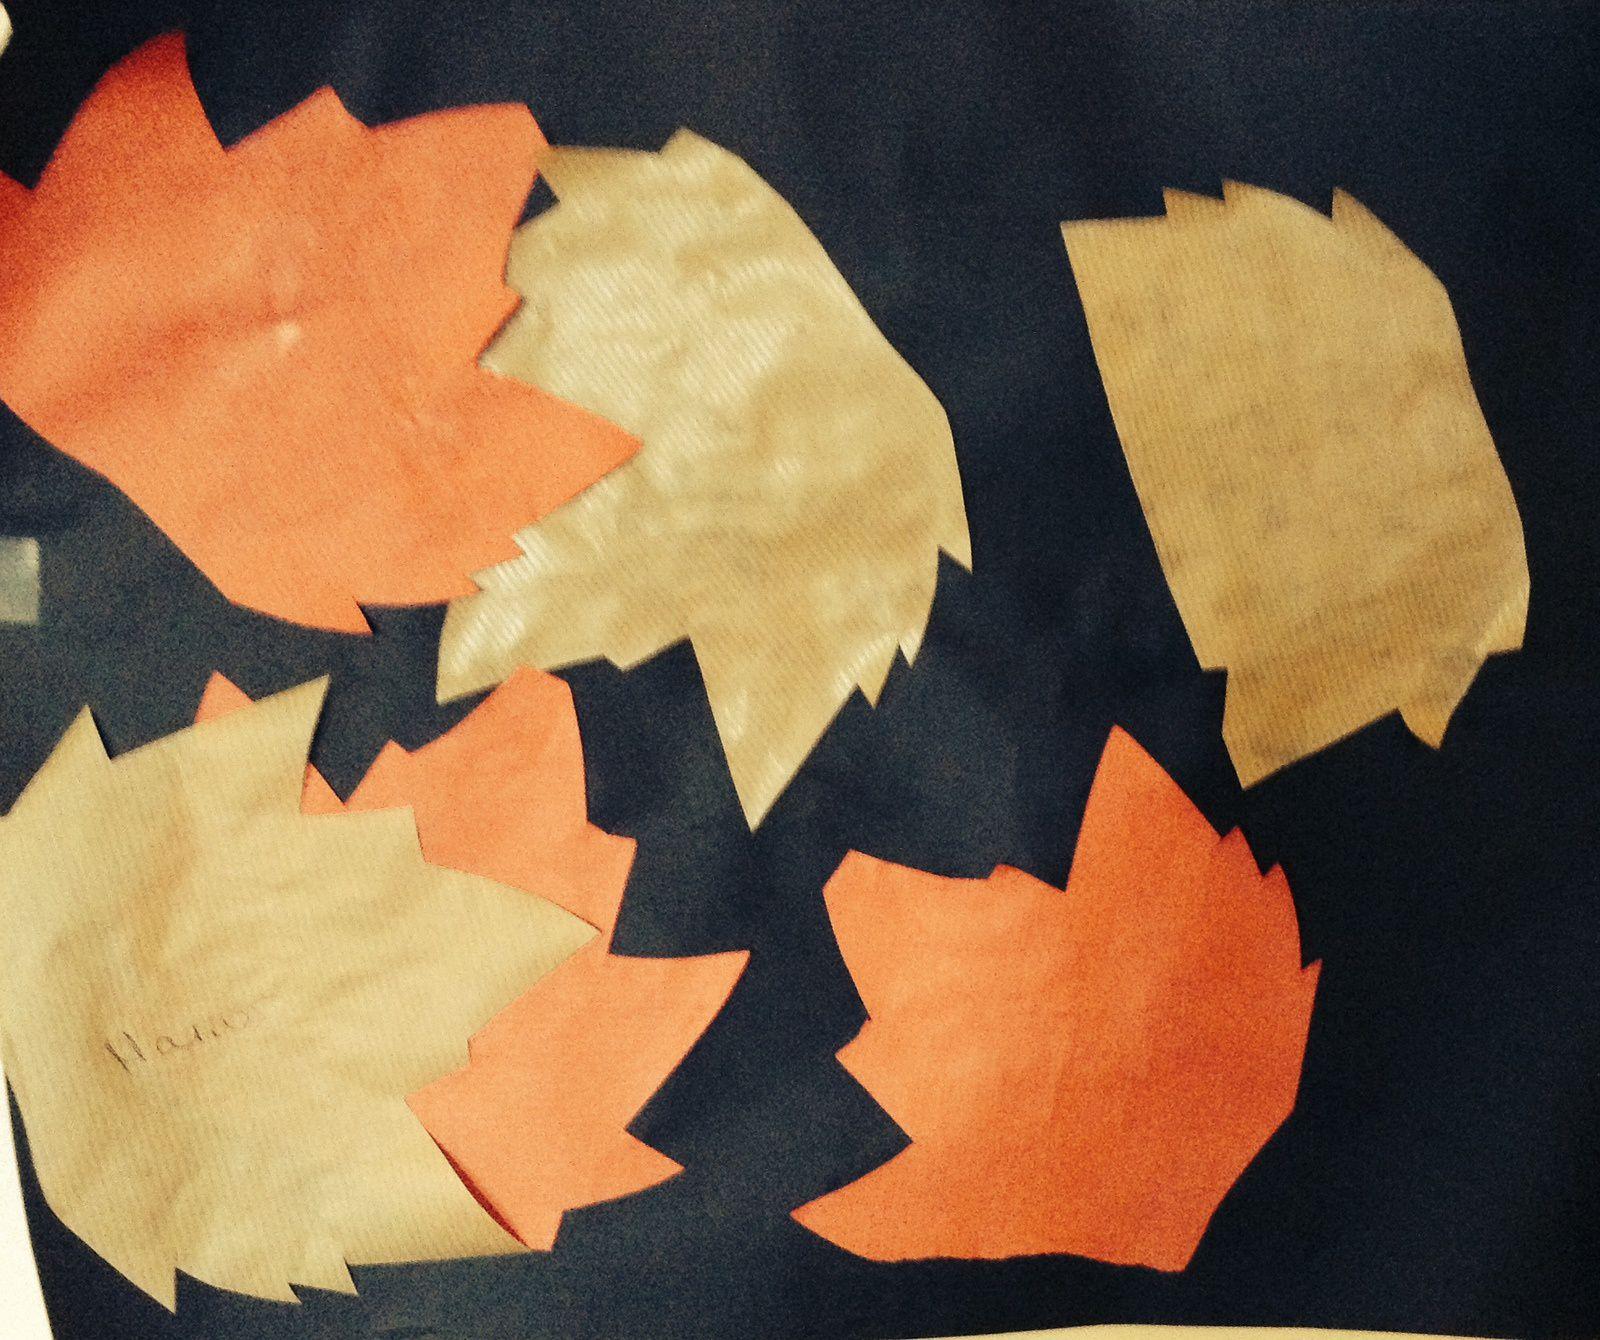 collages réalisés par un enfant de 2 ans et demi, de 3 ans et demi et de presque 3 ans. En bas, on peut aussi réunir tous les tapis de feuilles des enfants pour créer une fresque.